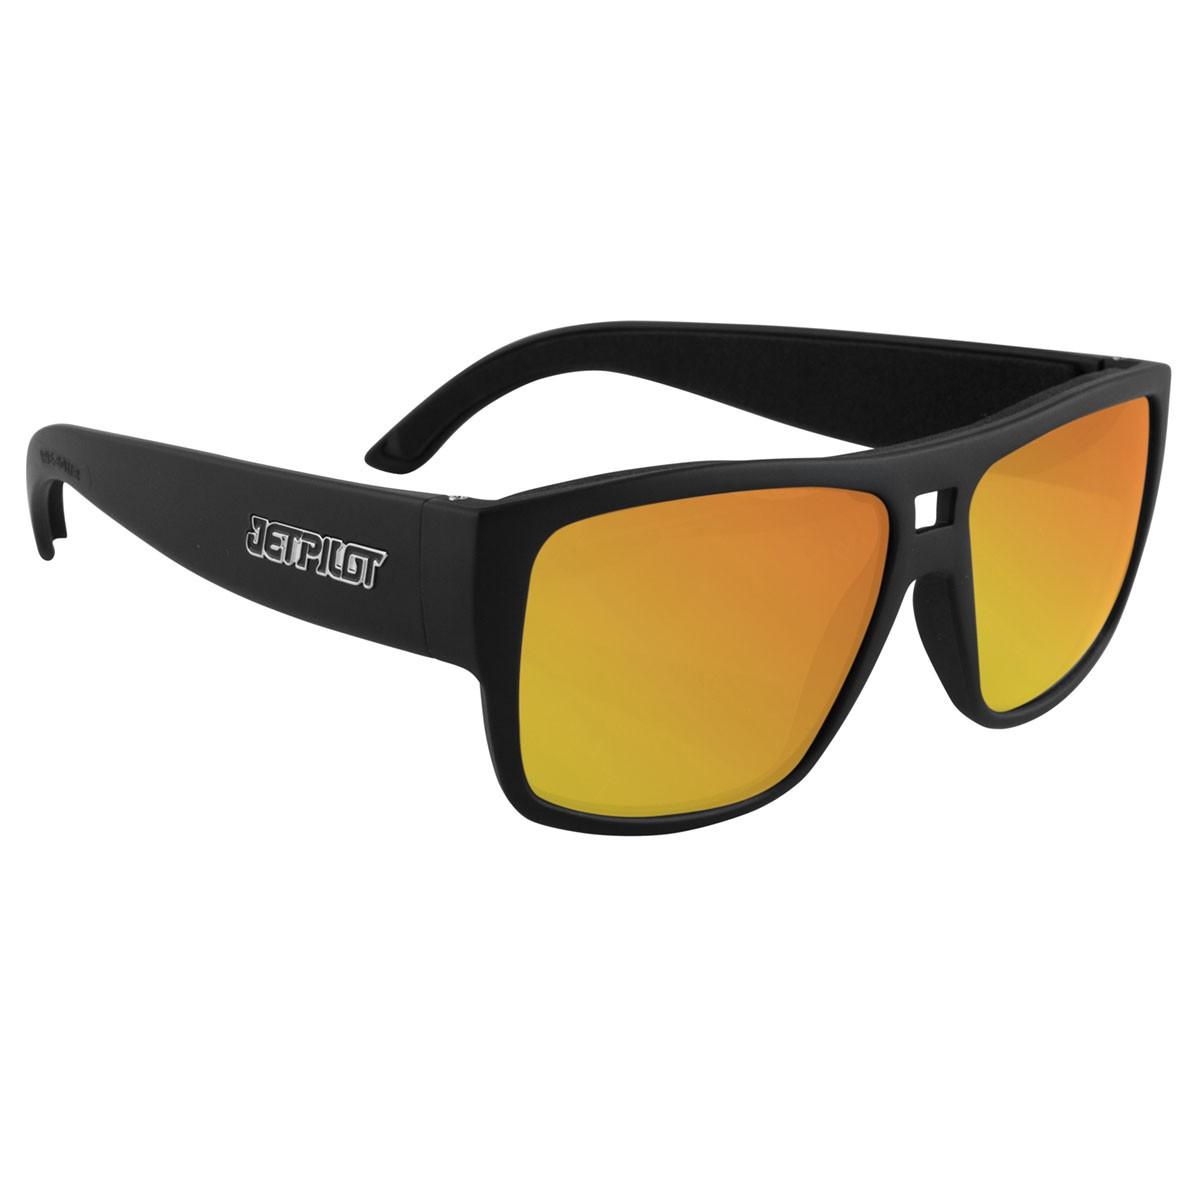 7aeae8e9ad3 Jet Pilot Addict Ride Polarised Floating Sunglasses Blk Yel Mirror